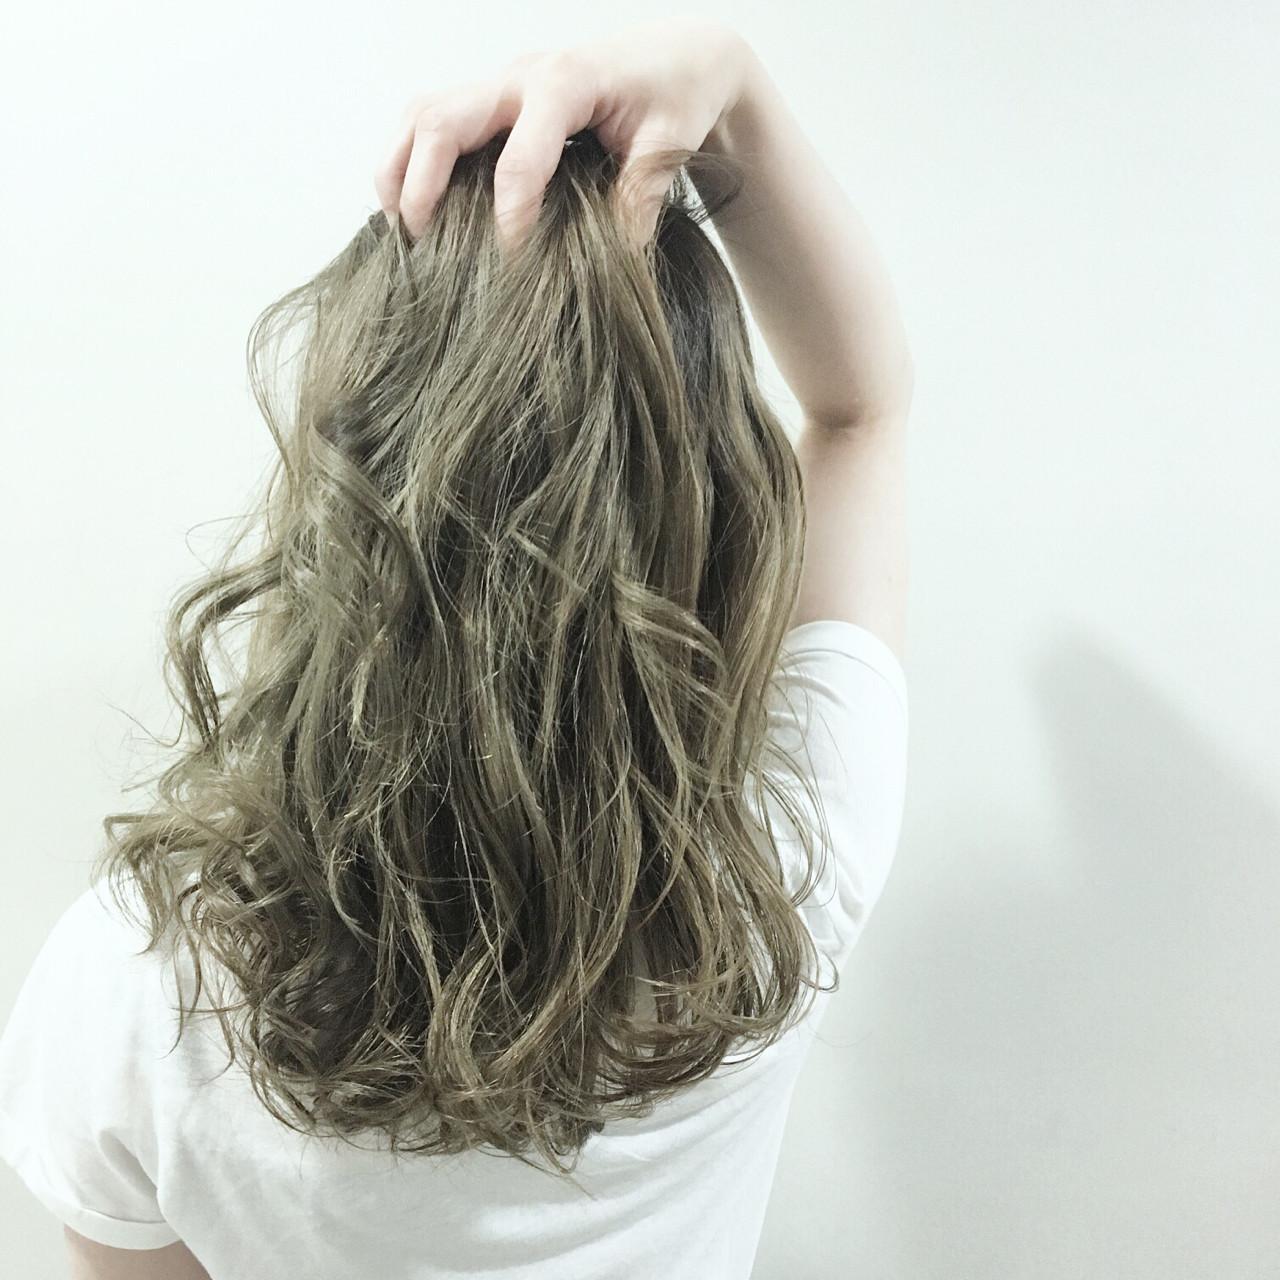 ナチュラル グラデーションカラー セミロング ウェットヘア ヘアスタイルや髪型の写真・画像